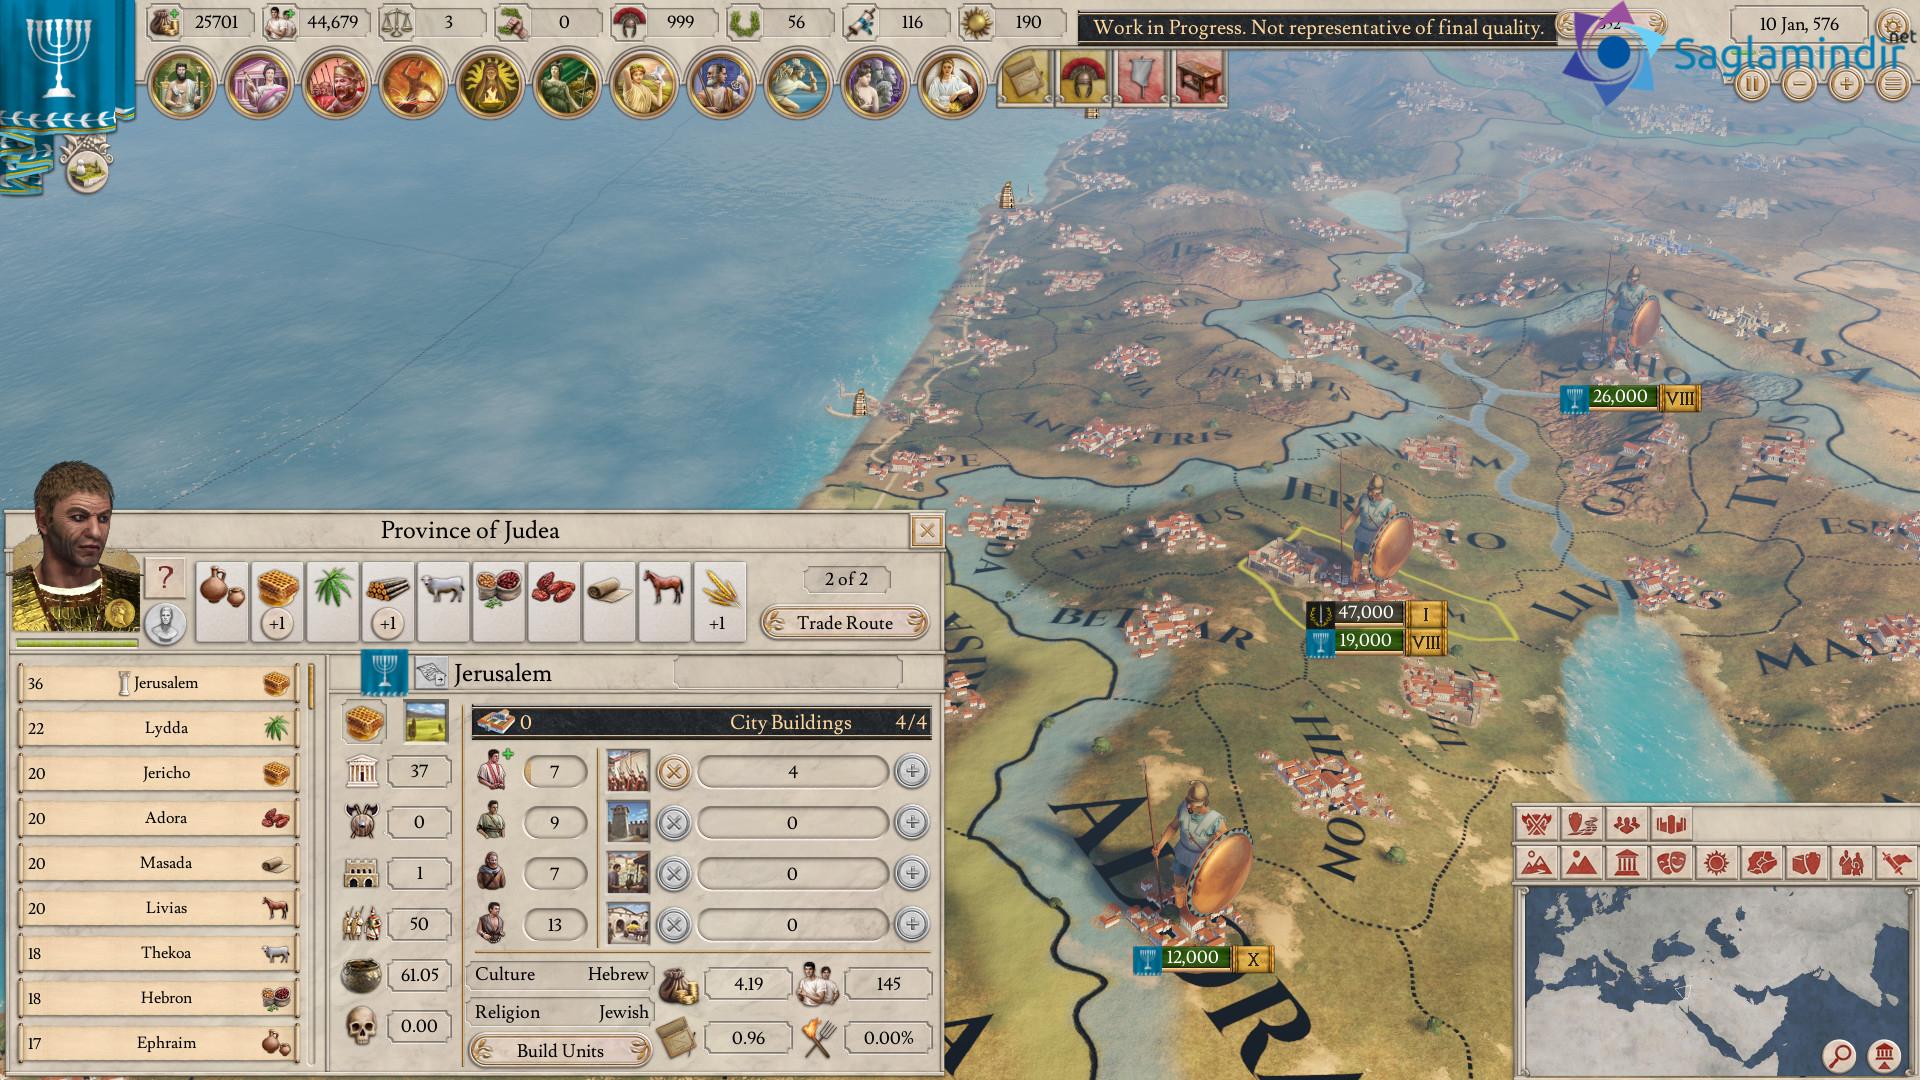 imperator rome saglamindir